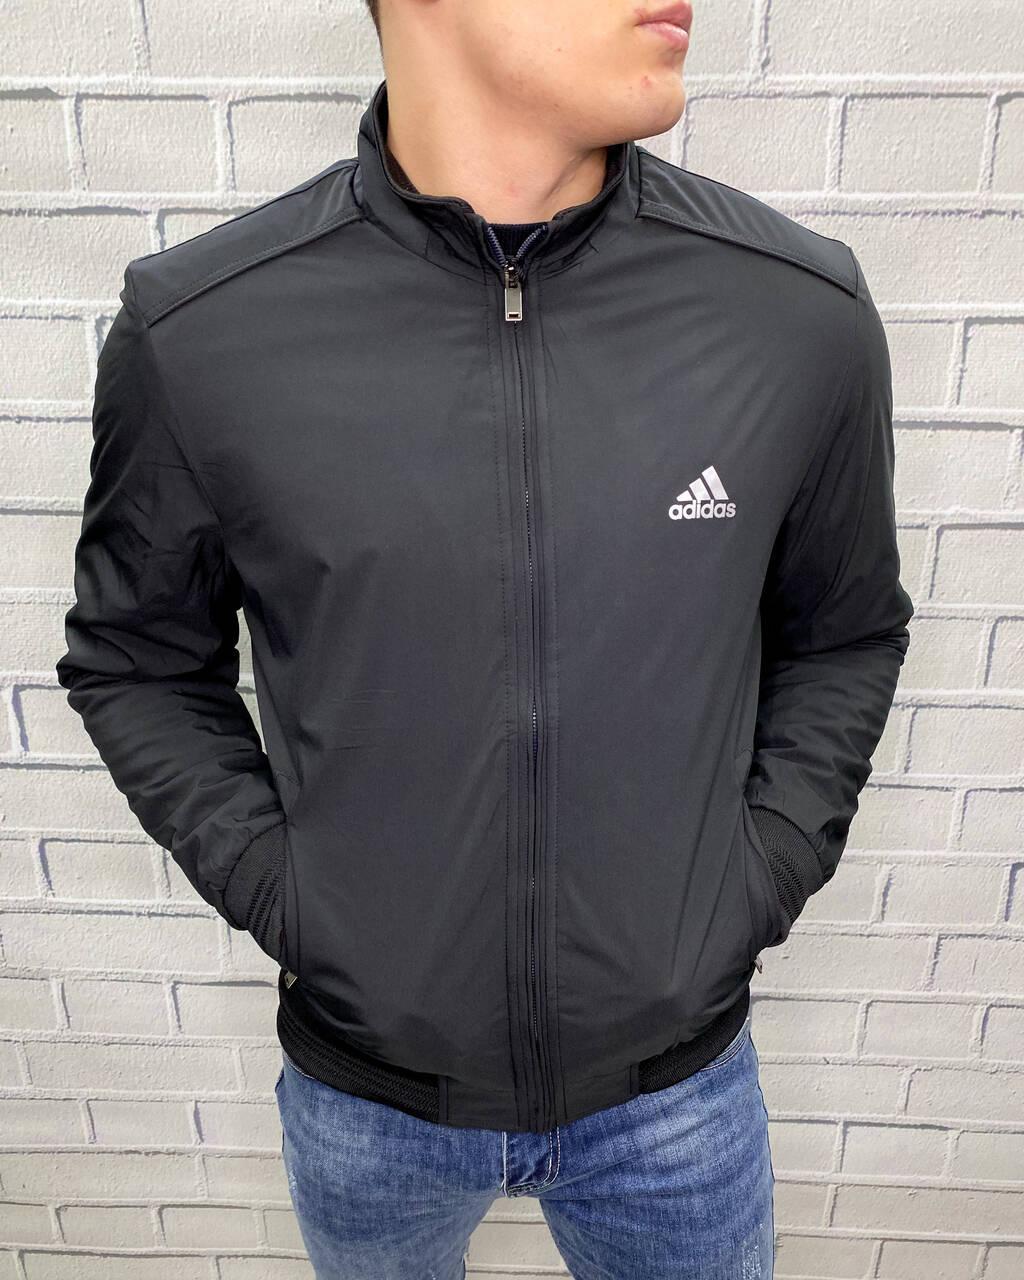 Куртка тонкая Adidas Черный Ветровка Мужская Одежда M